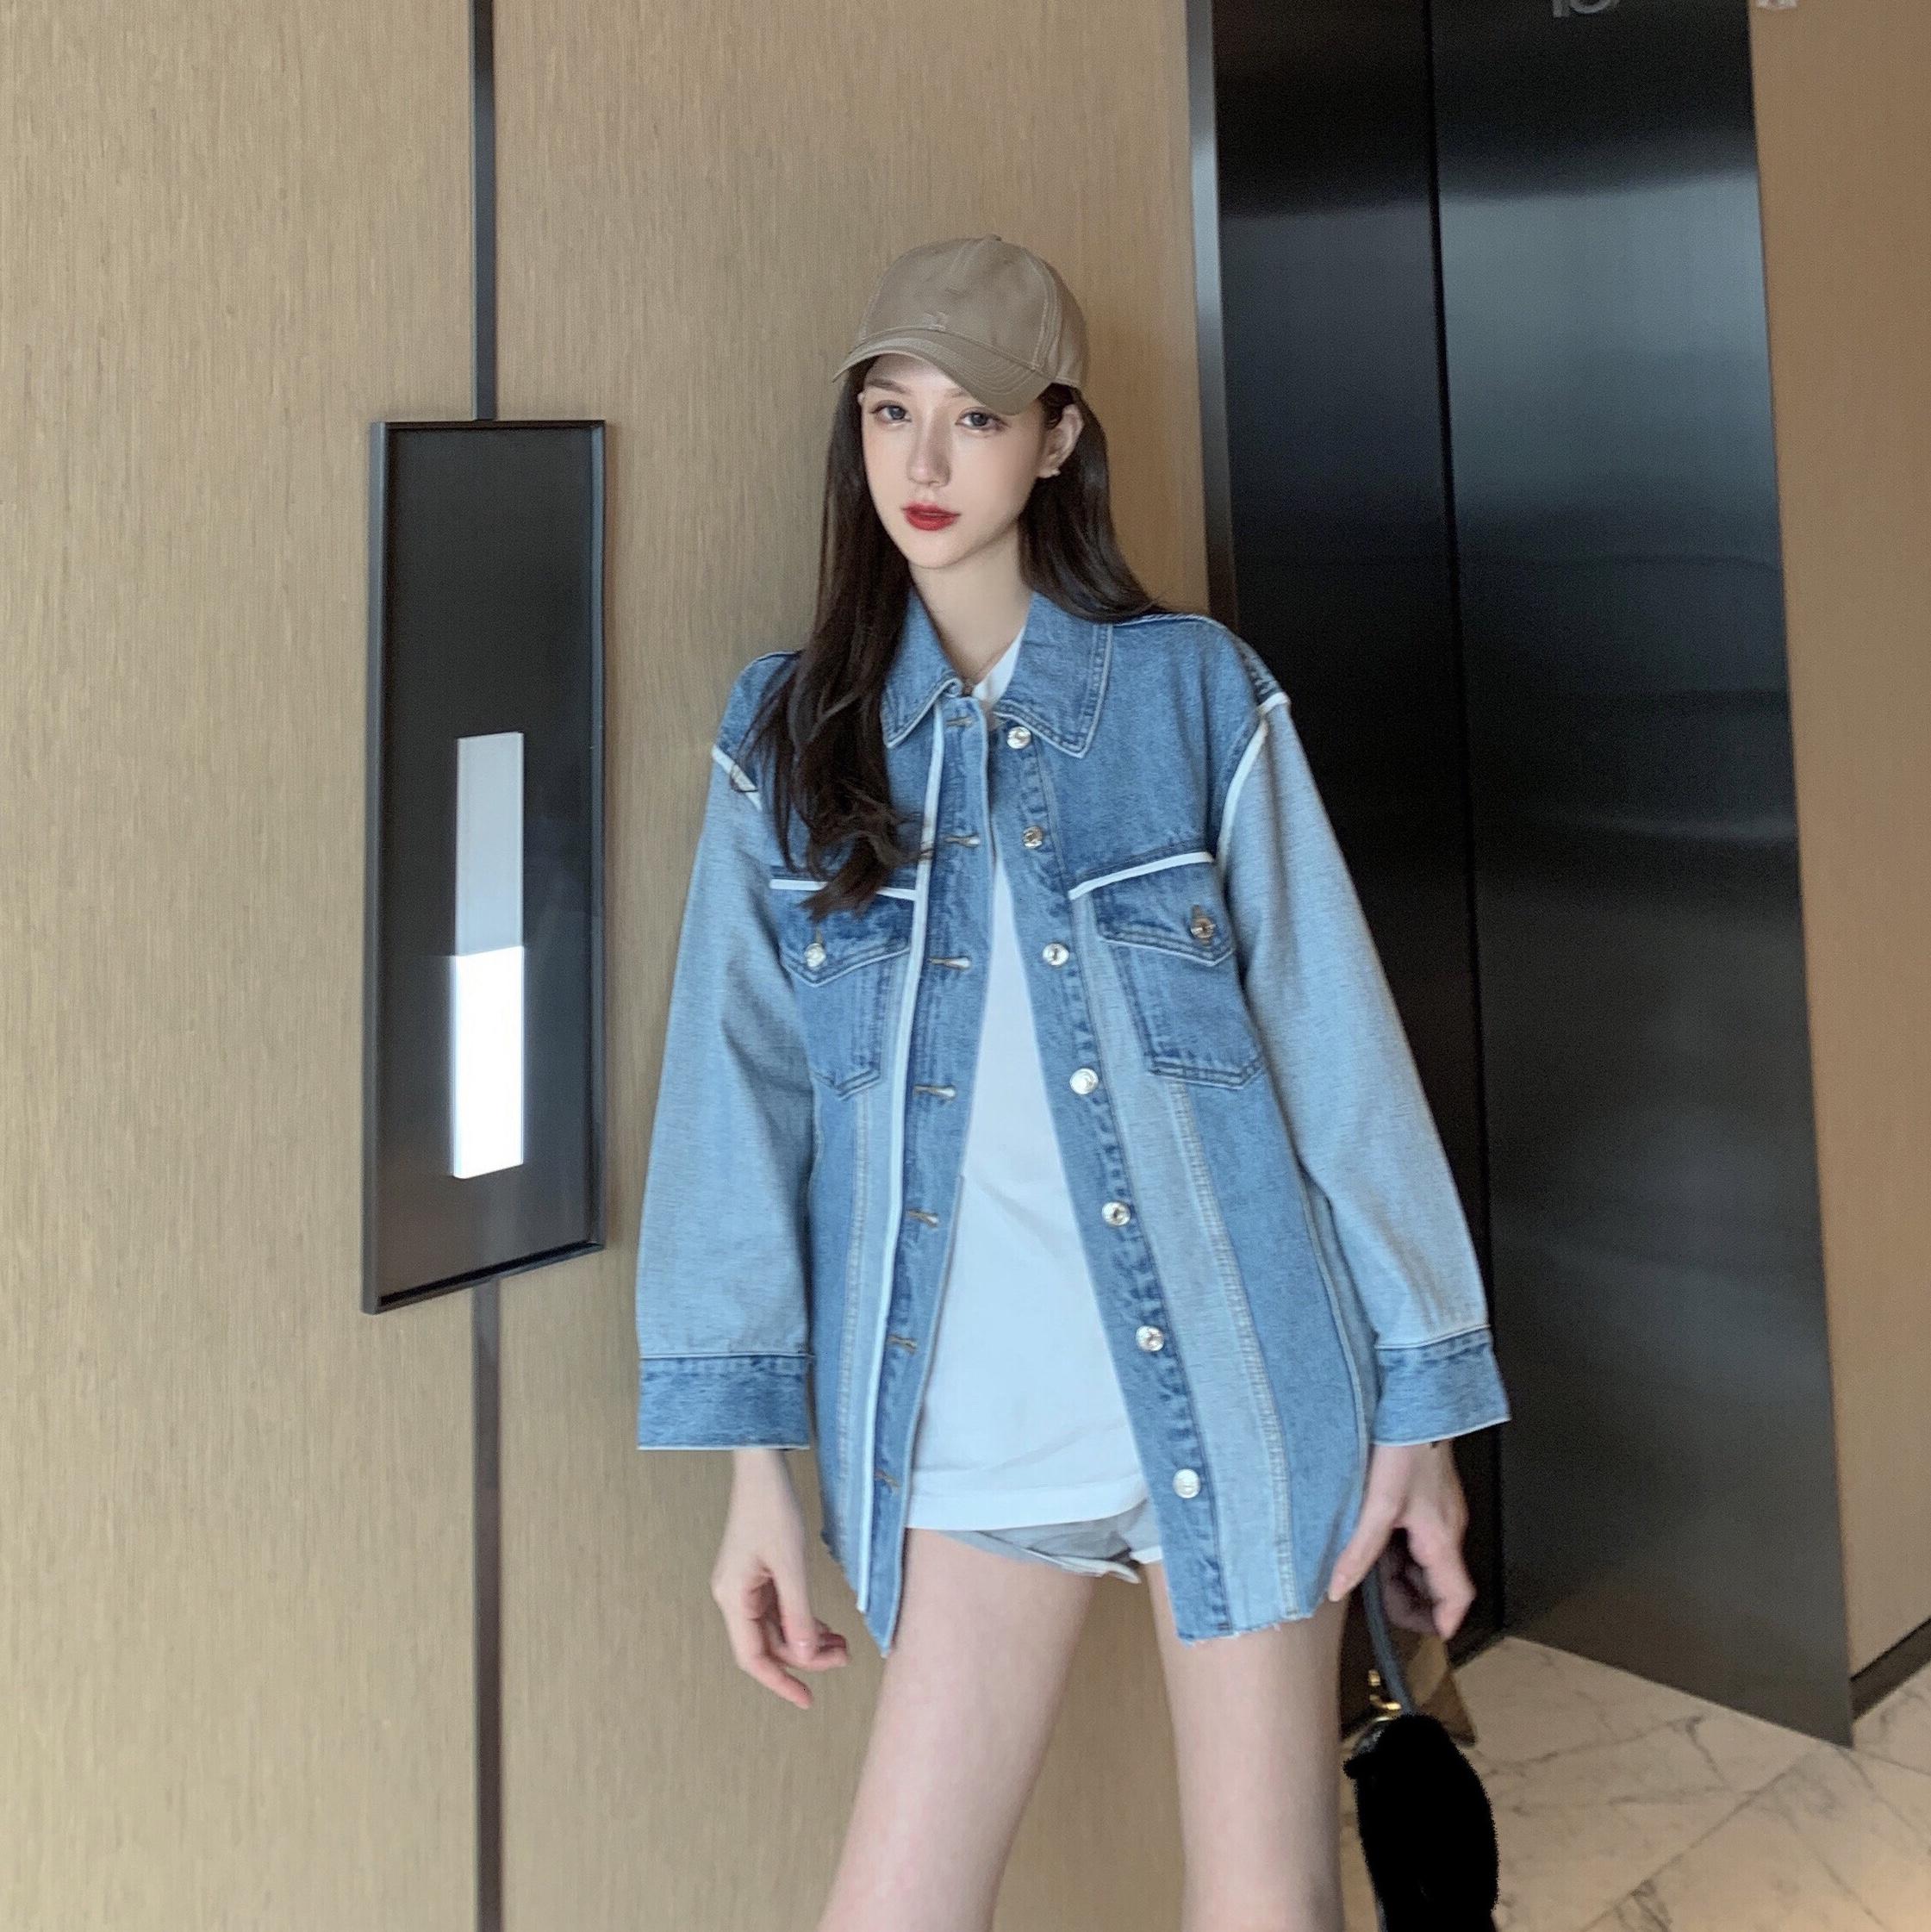 亚博娱乐平台入口实价 蓝色拼接牛仔外套女秋装宽松显瘦bf风复古牛仔衣夹克